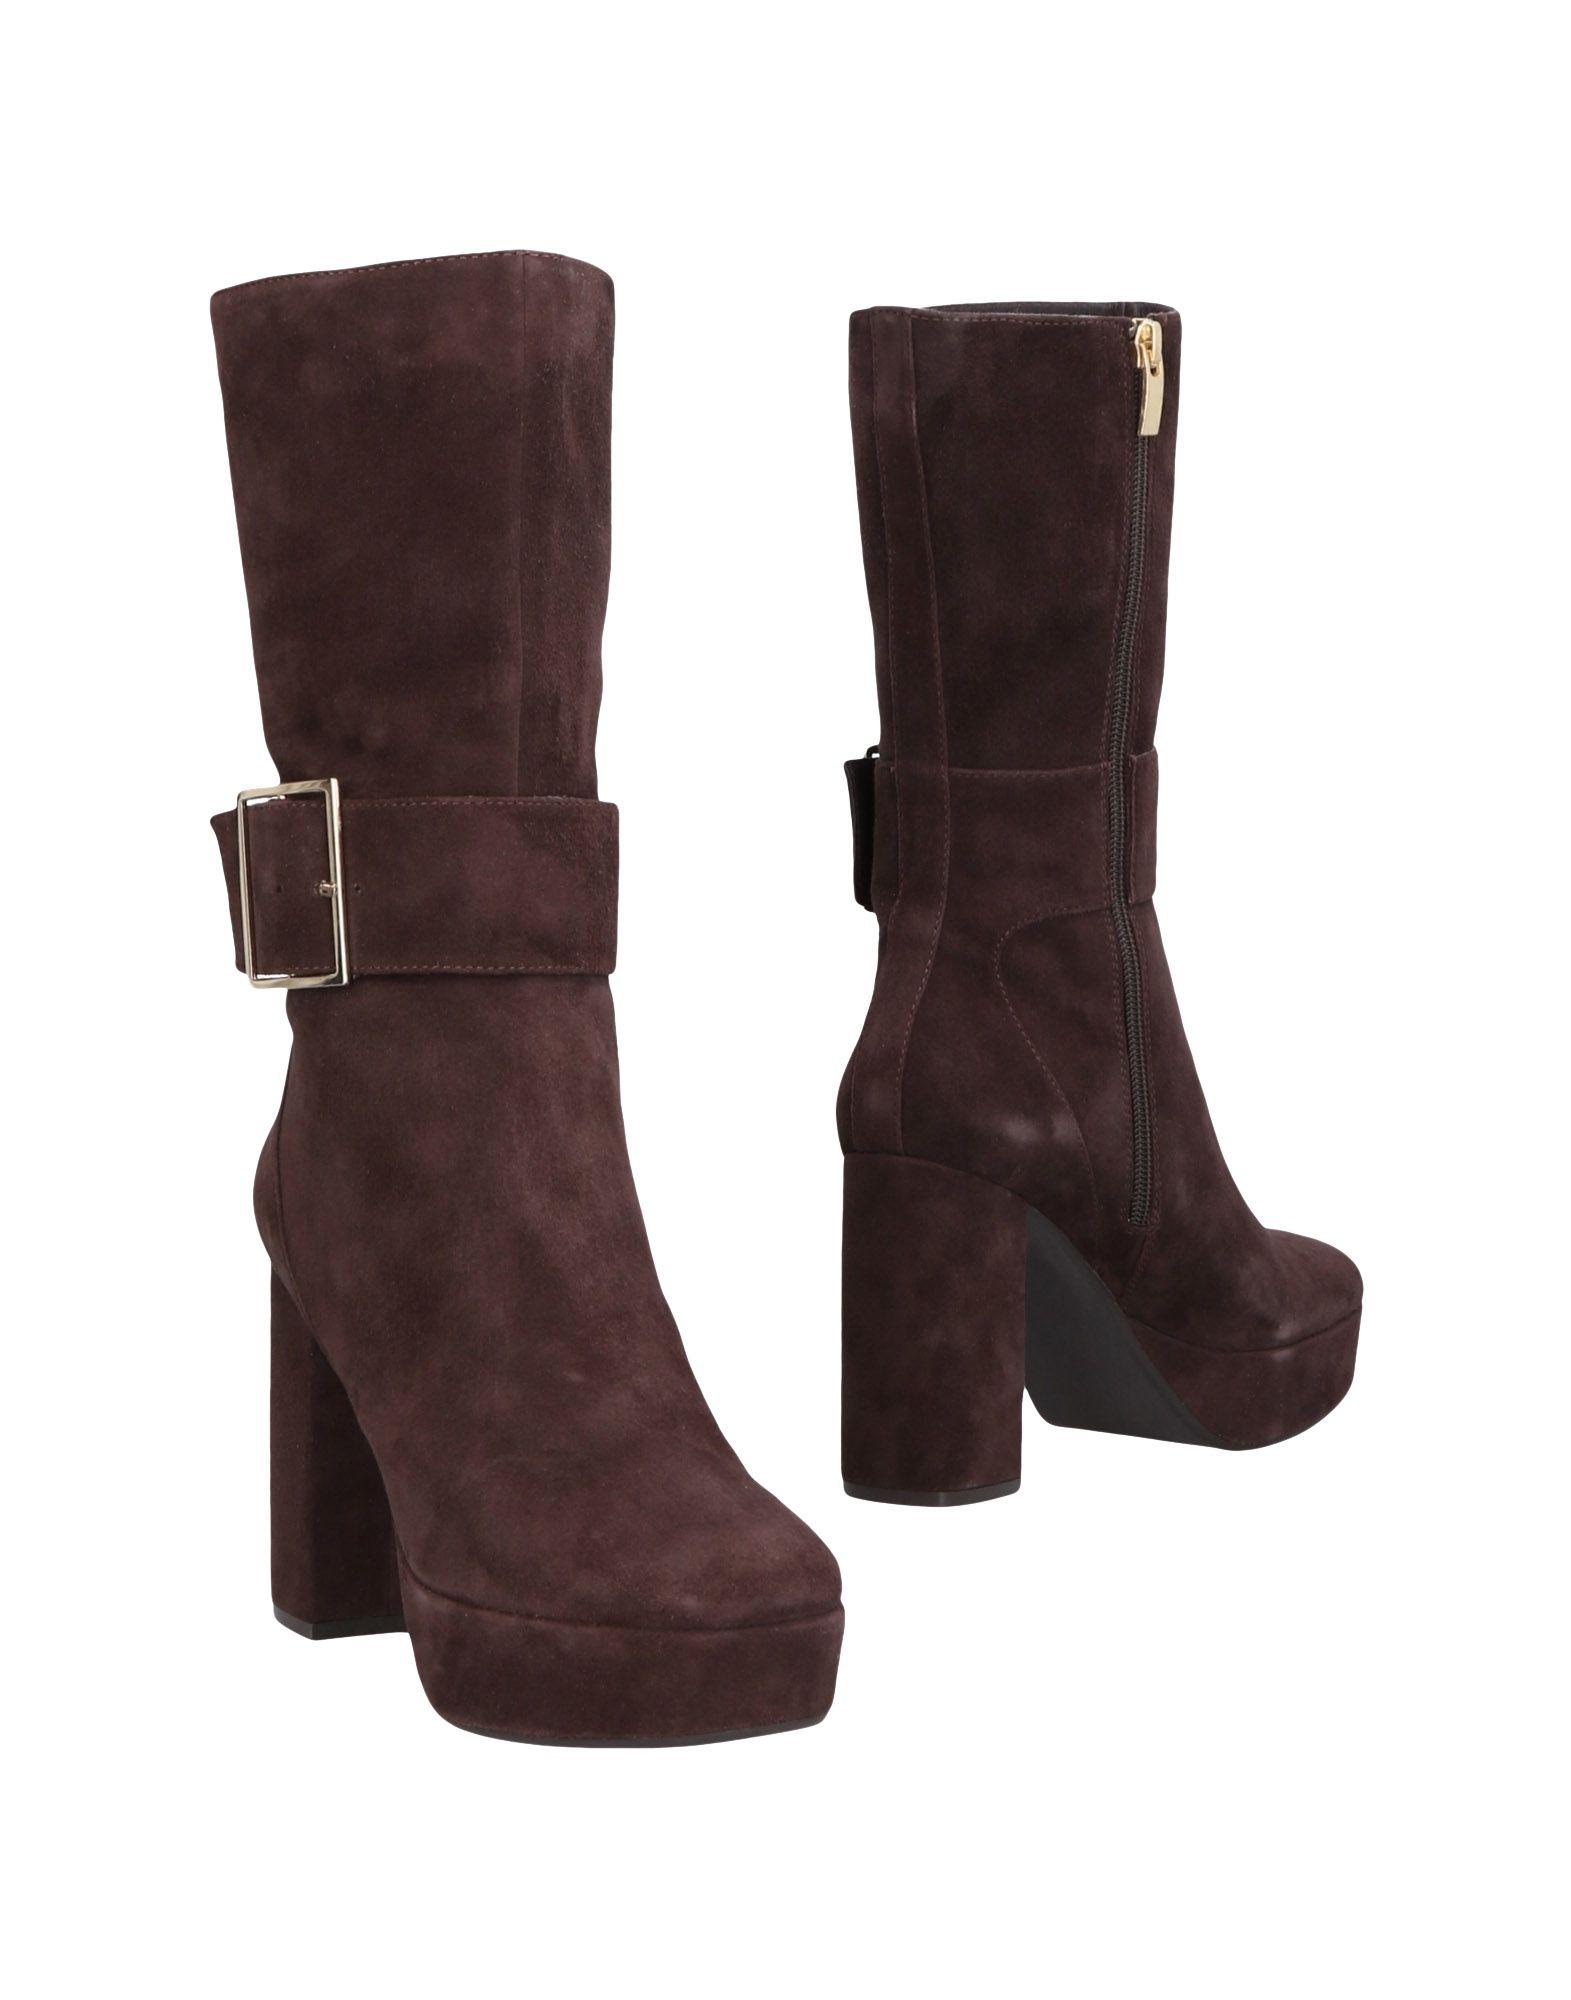 Gut um Stiefelette billige Schuhe zu tragenBp Zone Stiefelette um Damen  11459576DT 0211fa